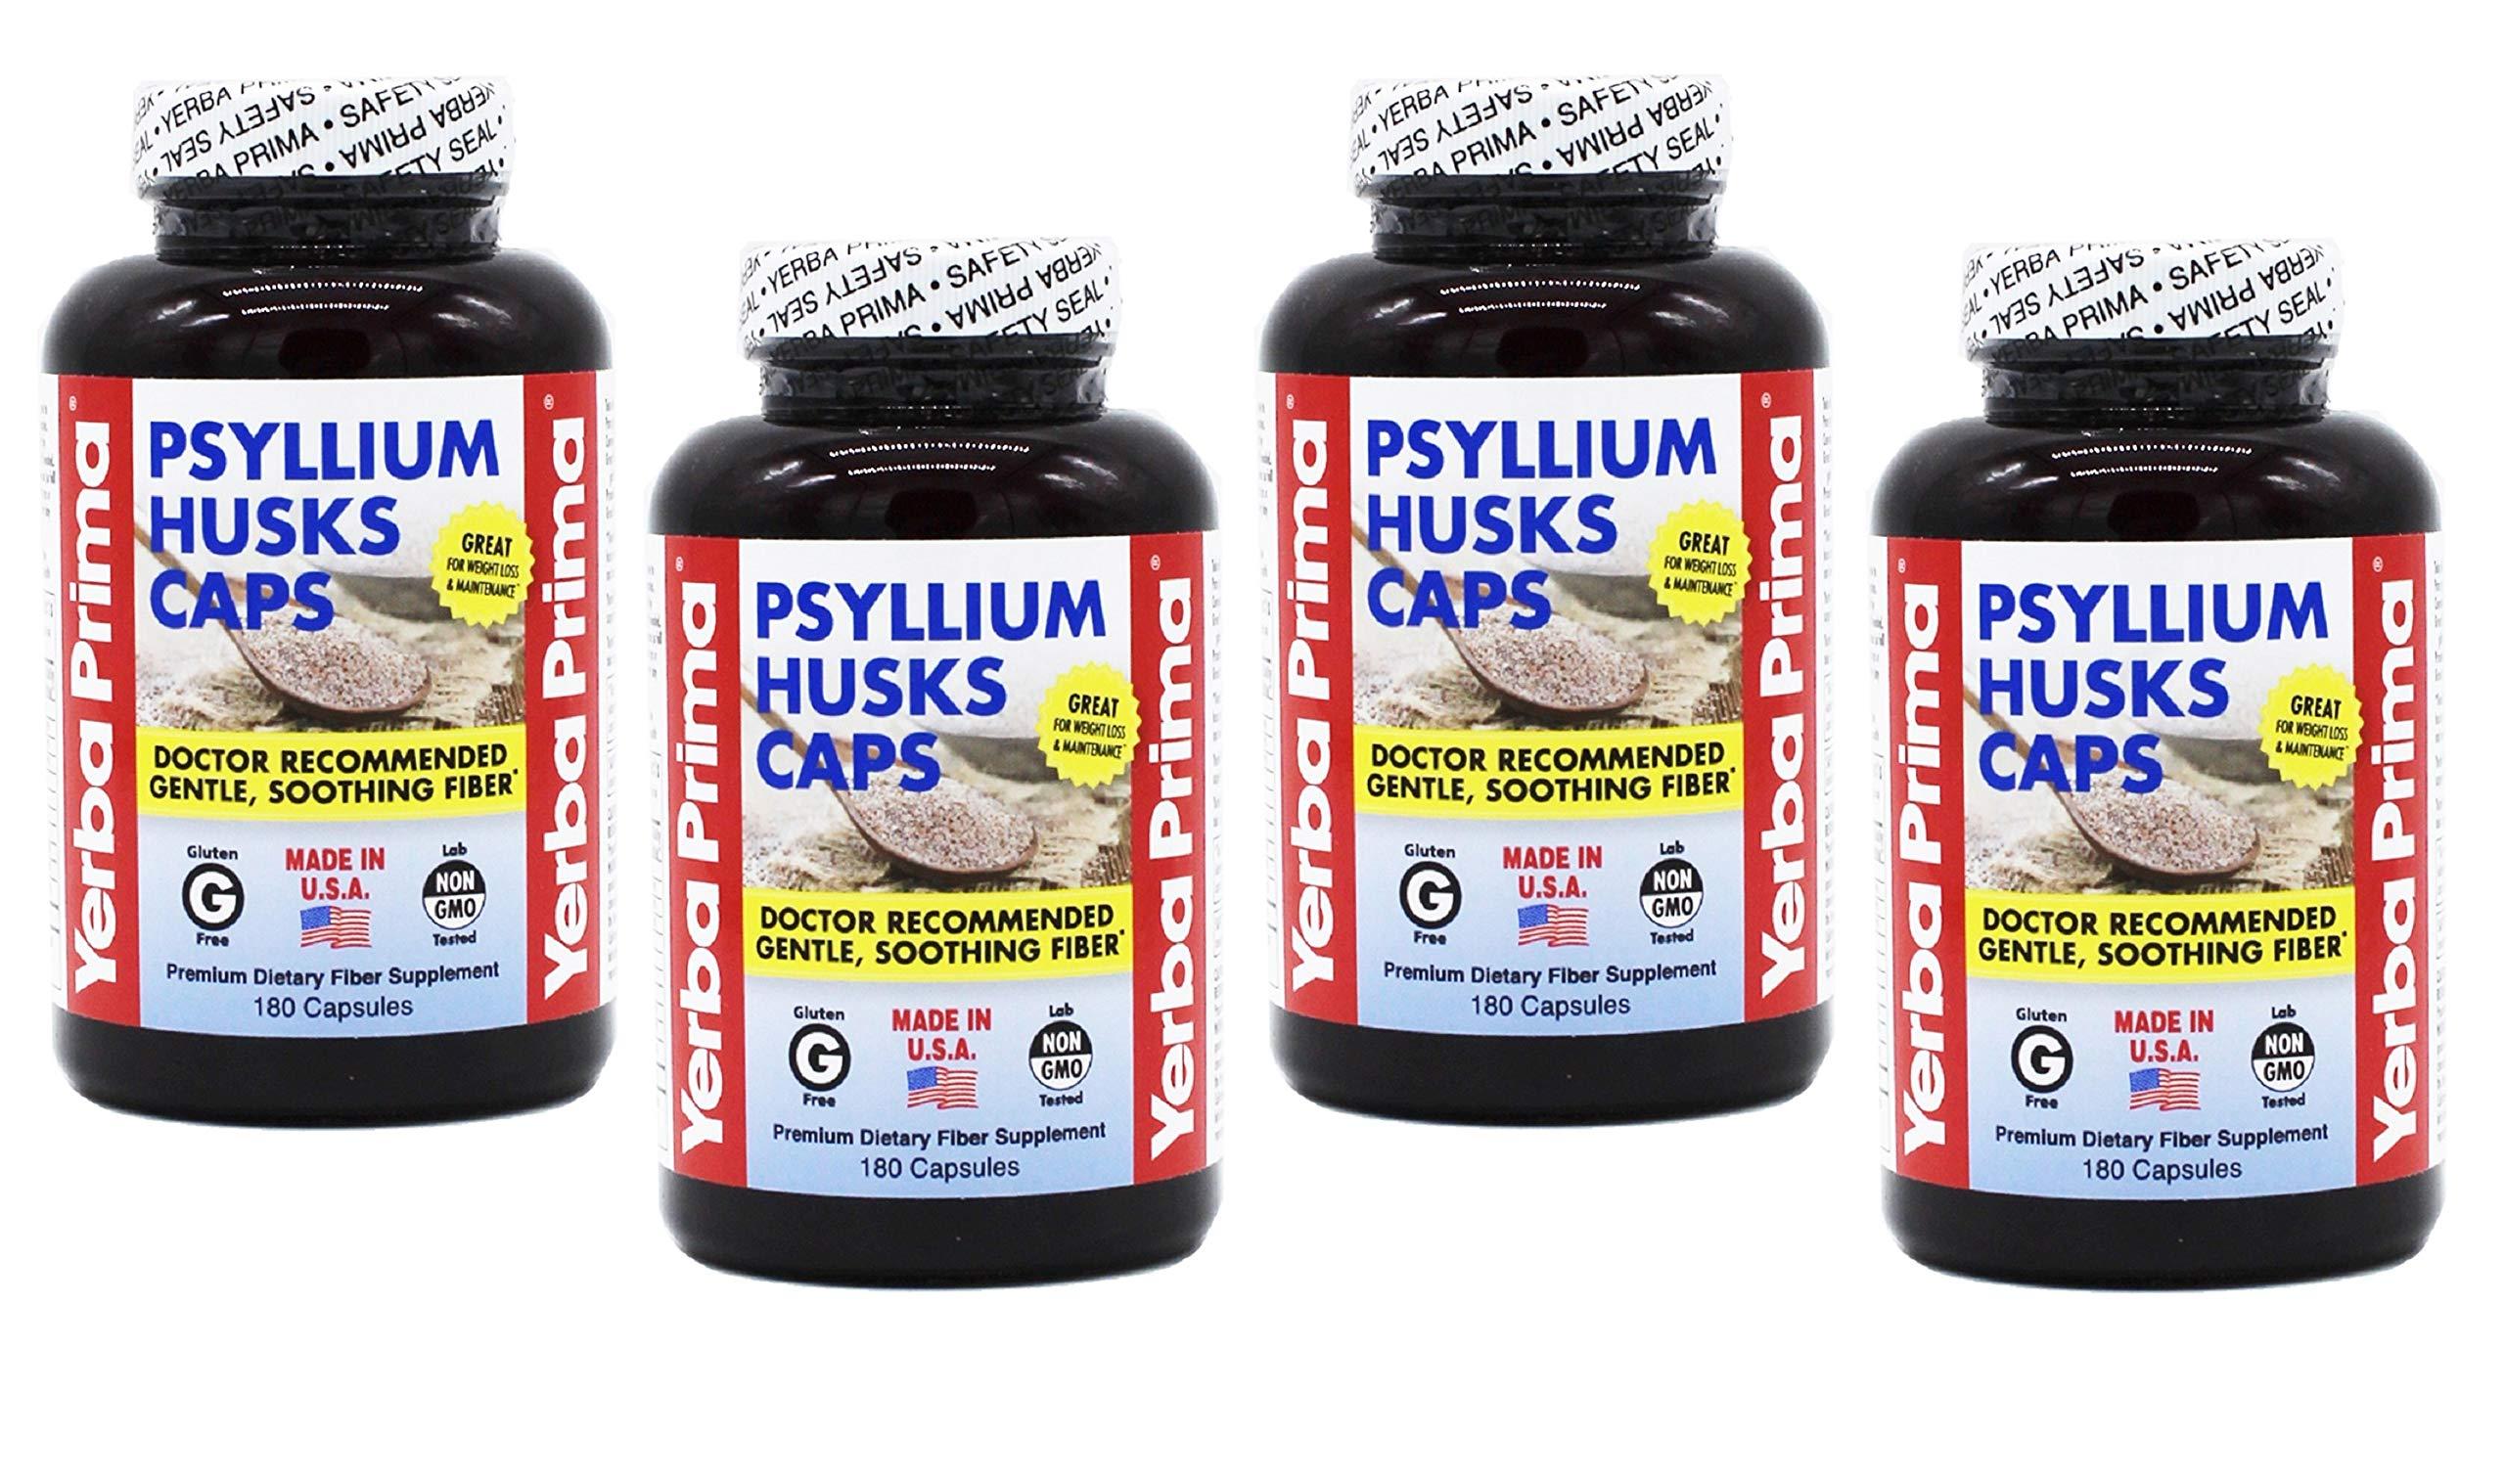 Yerba Prima Psyllium Husks Caps for Regularity and Heart Health, 180 Capsules (Pack of 4) by Yerba Prima